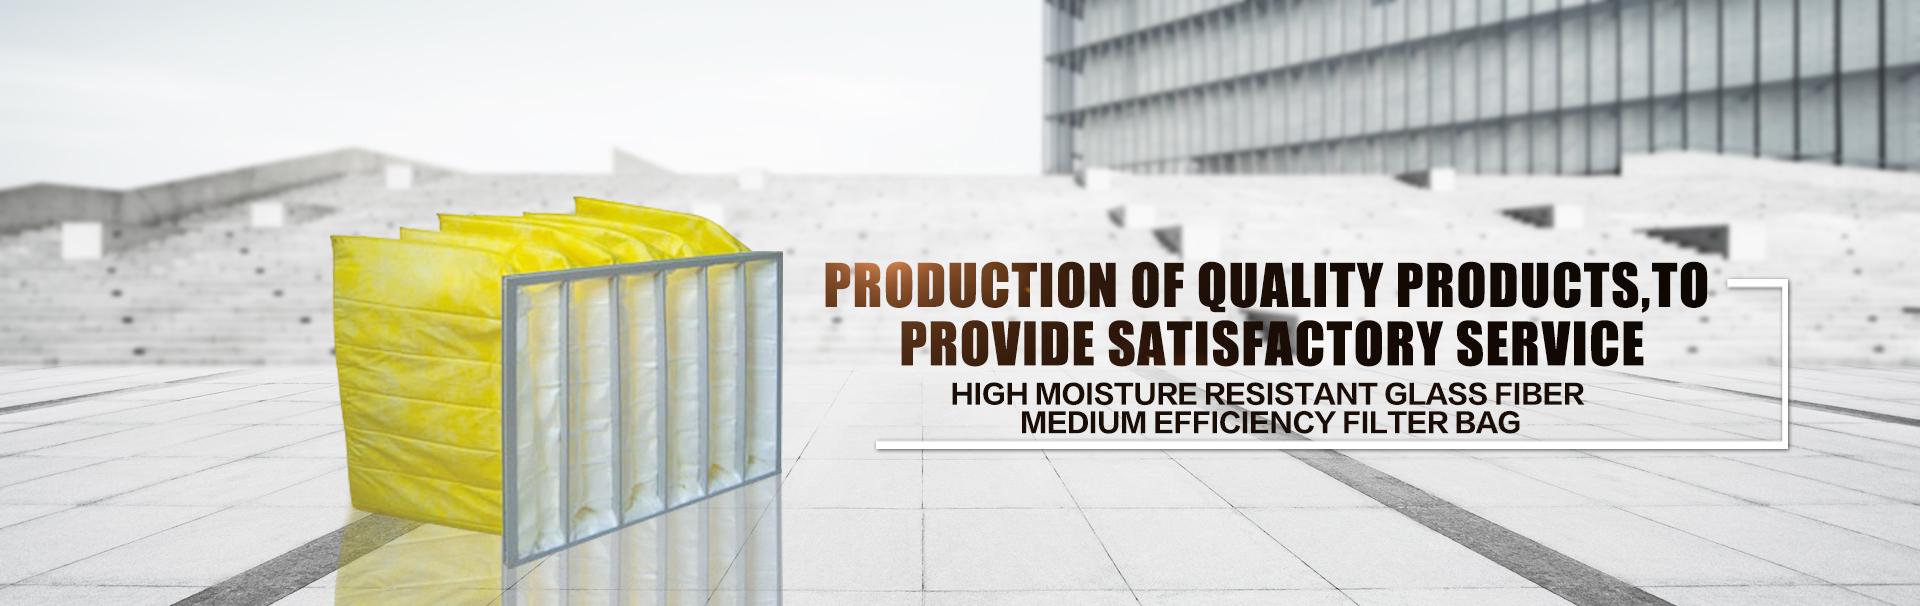 High efficiency filter, medium efficiency bag filter, precision air conditioning filter